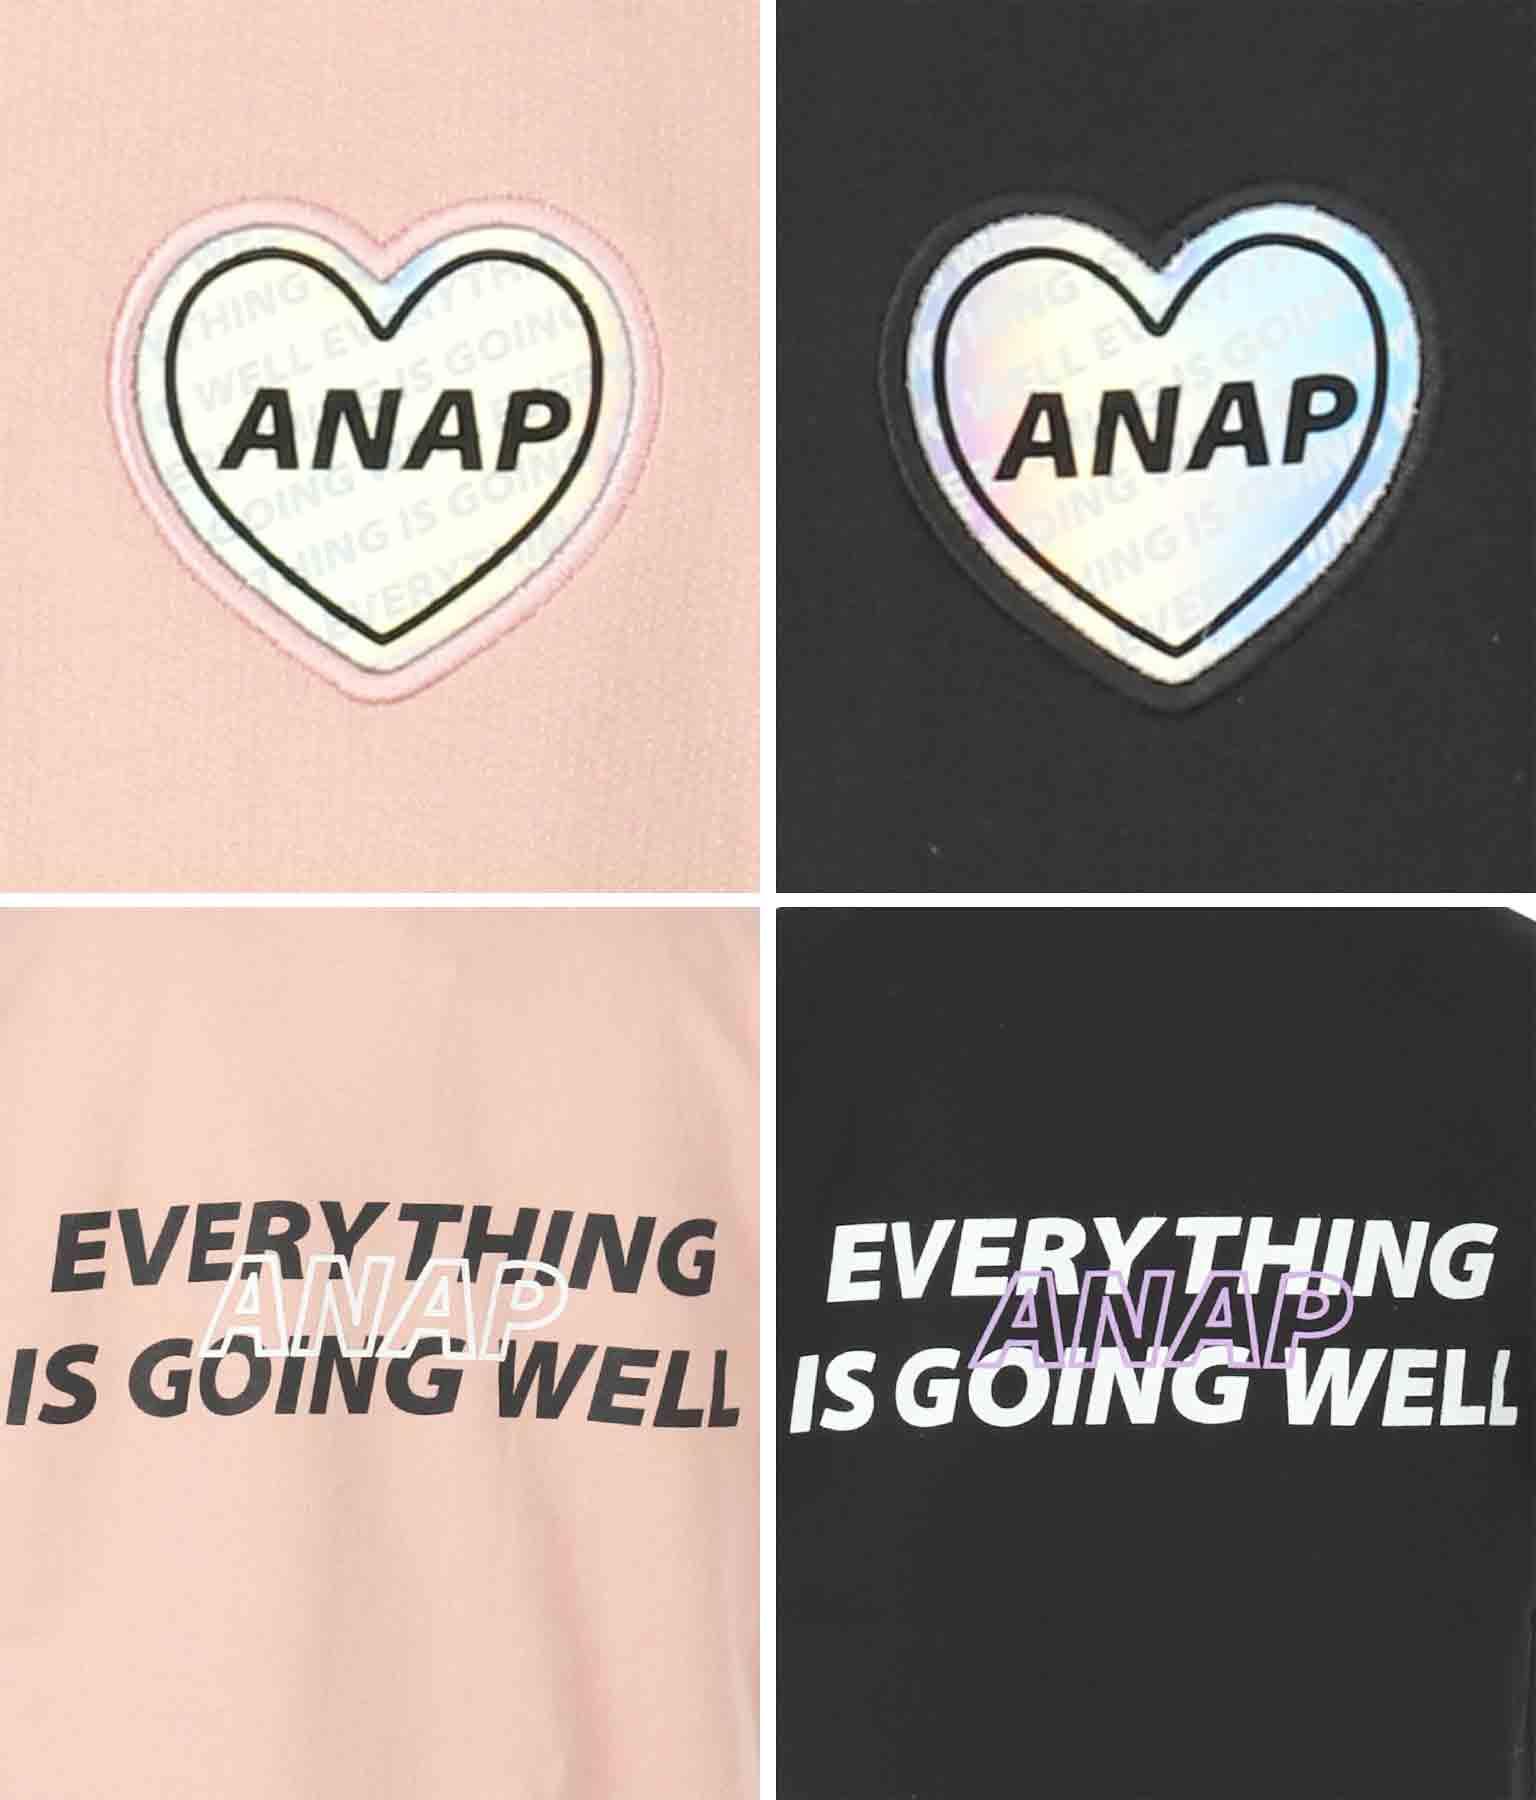 オーロラワッペンプチハイネックトップス(トップス/カットソー ) | ANAP KIDS